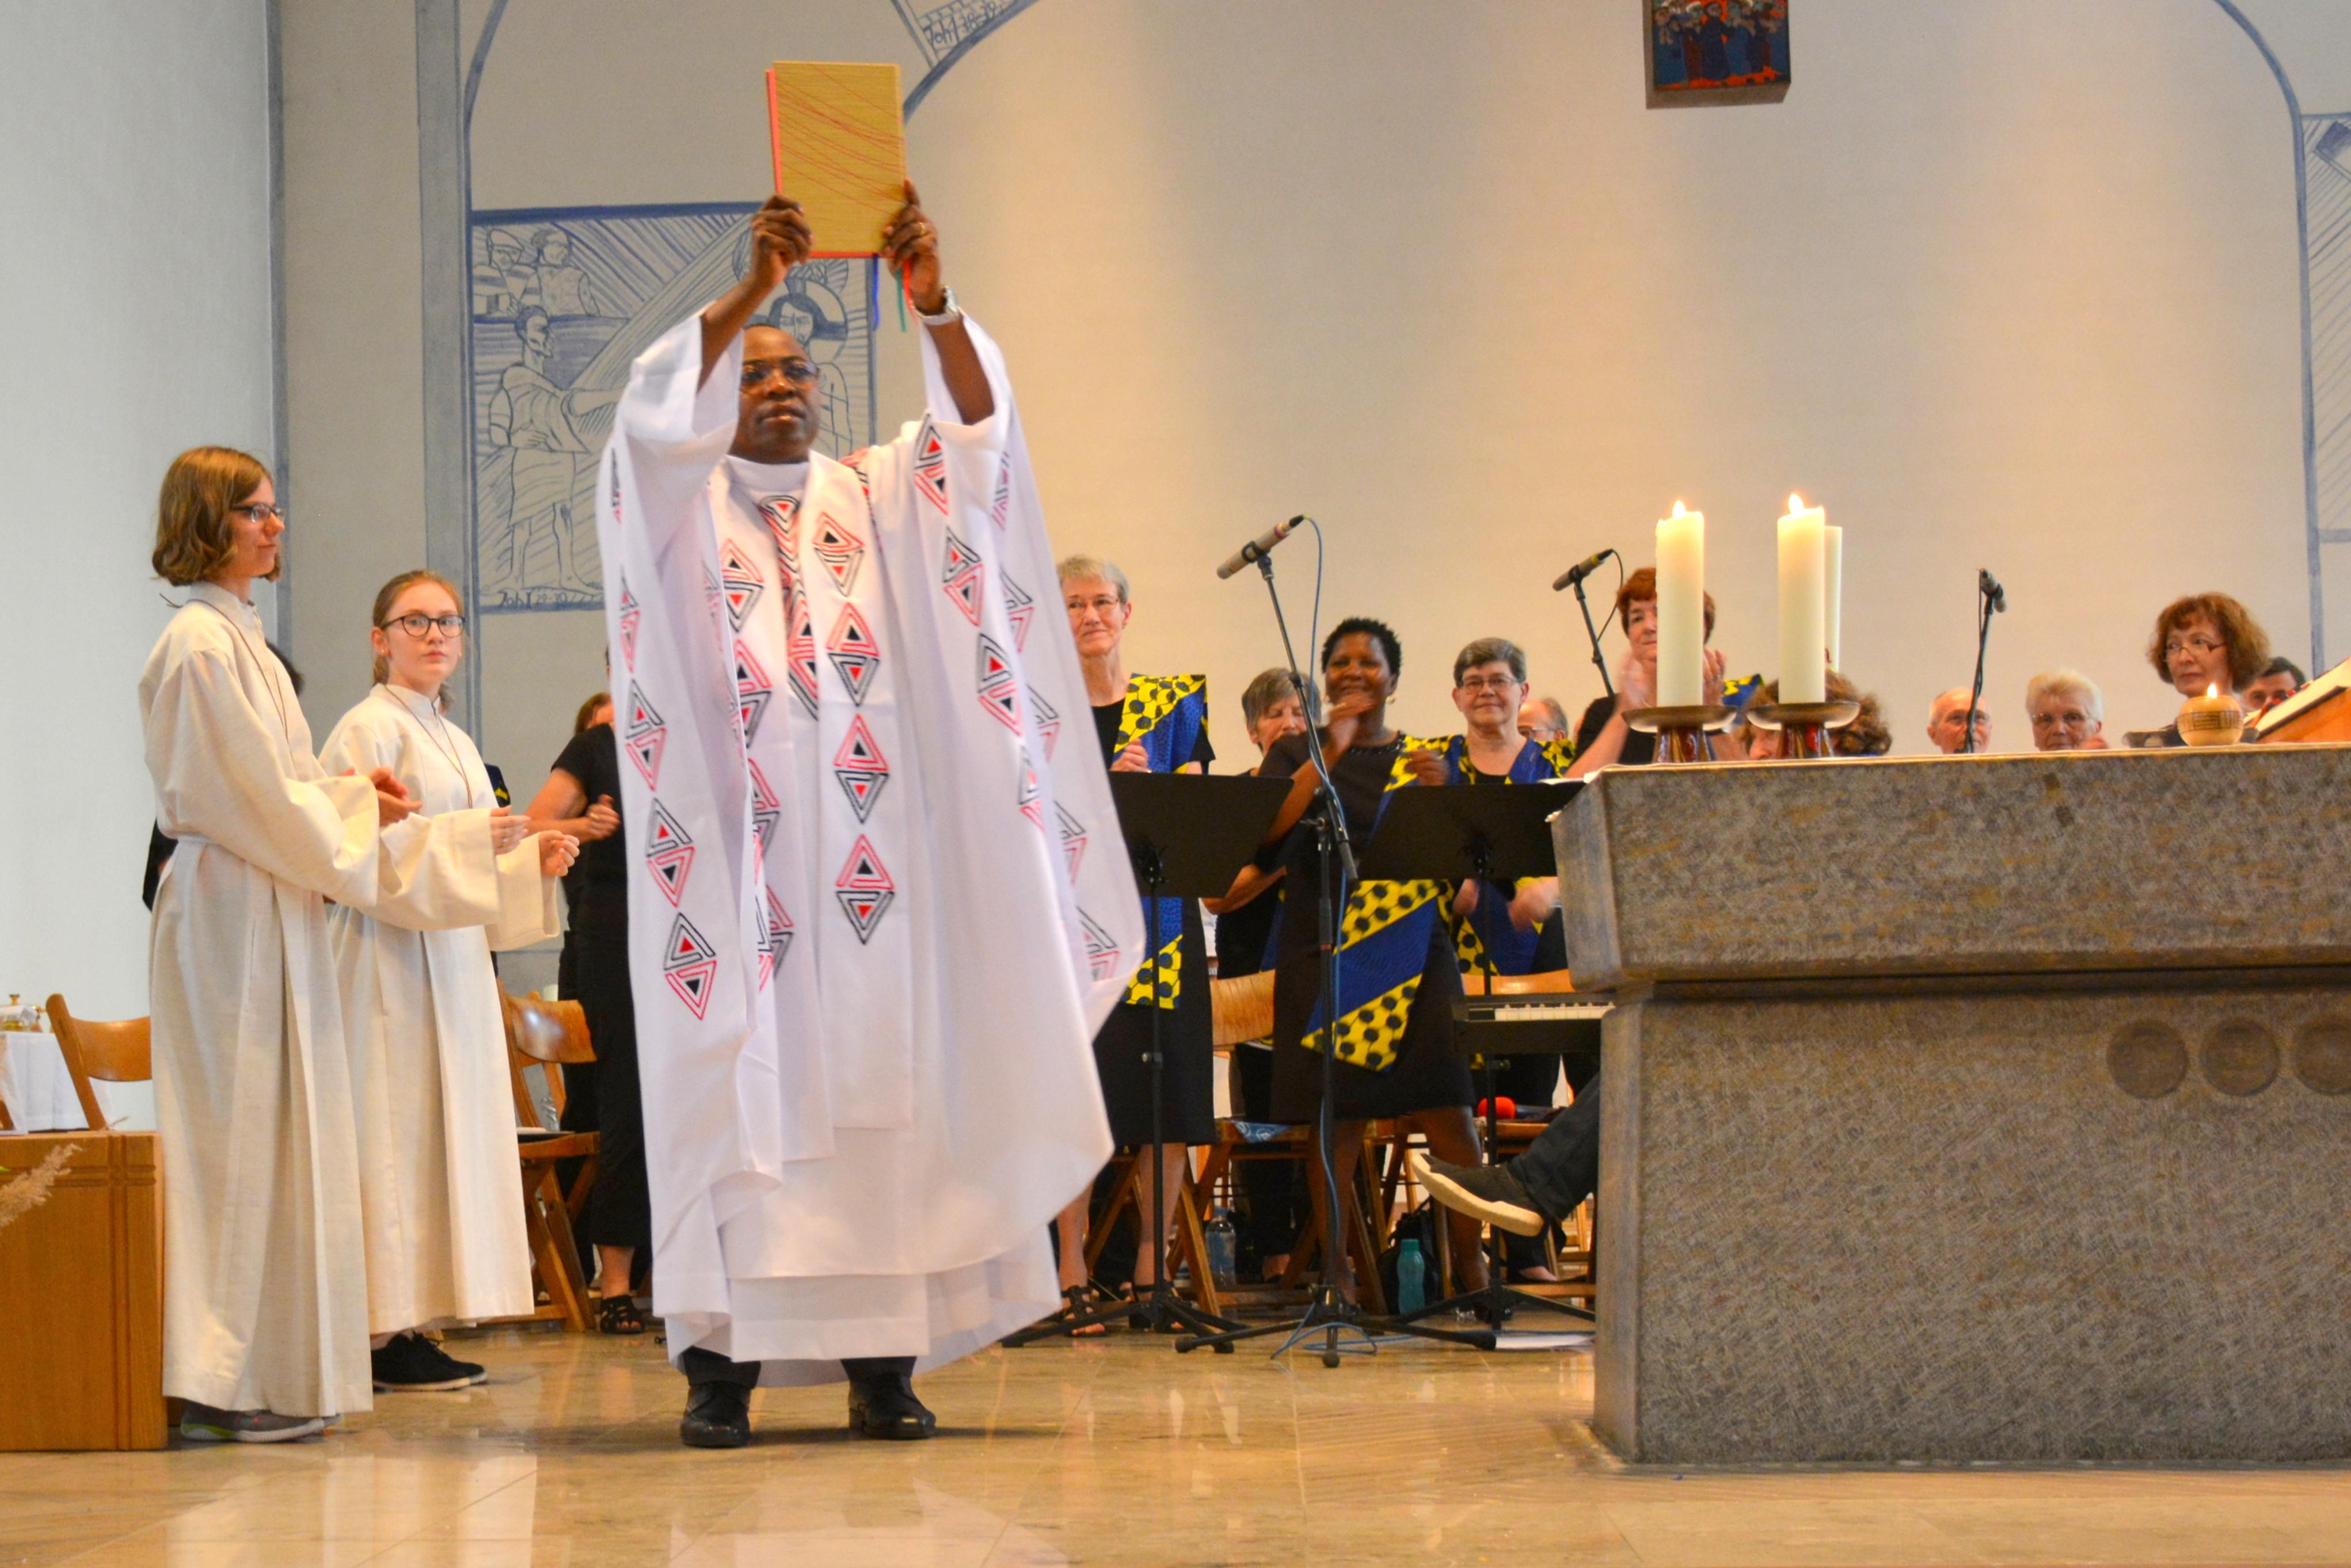 Afrikanische Messe Au am Rhein 2019-07-20 060